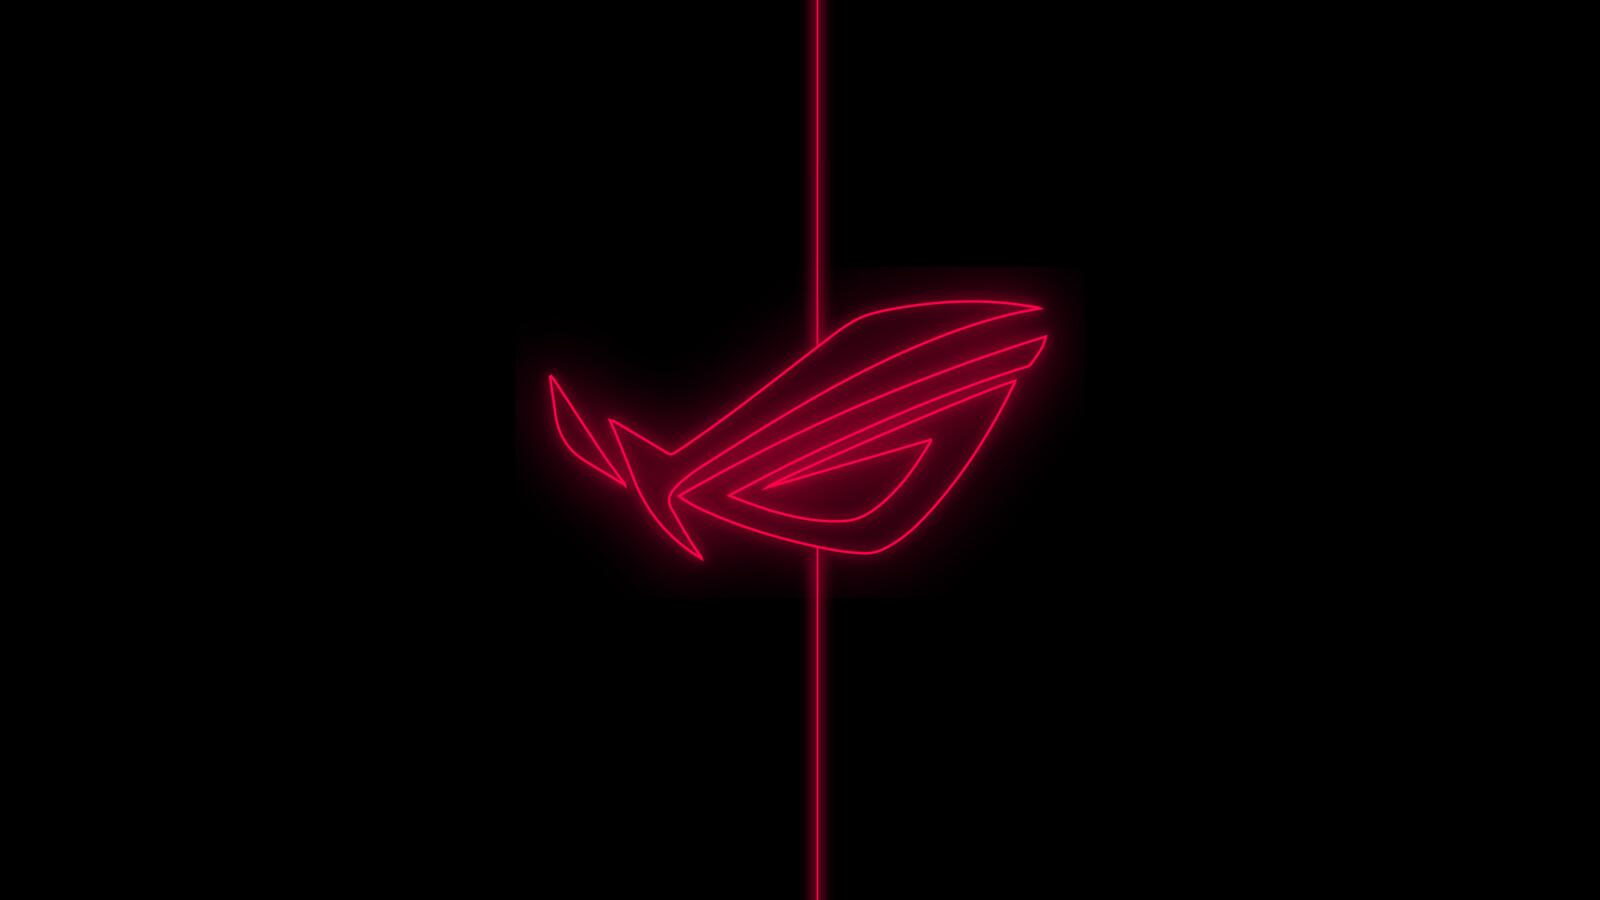 Asus ROG Neon Logo